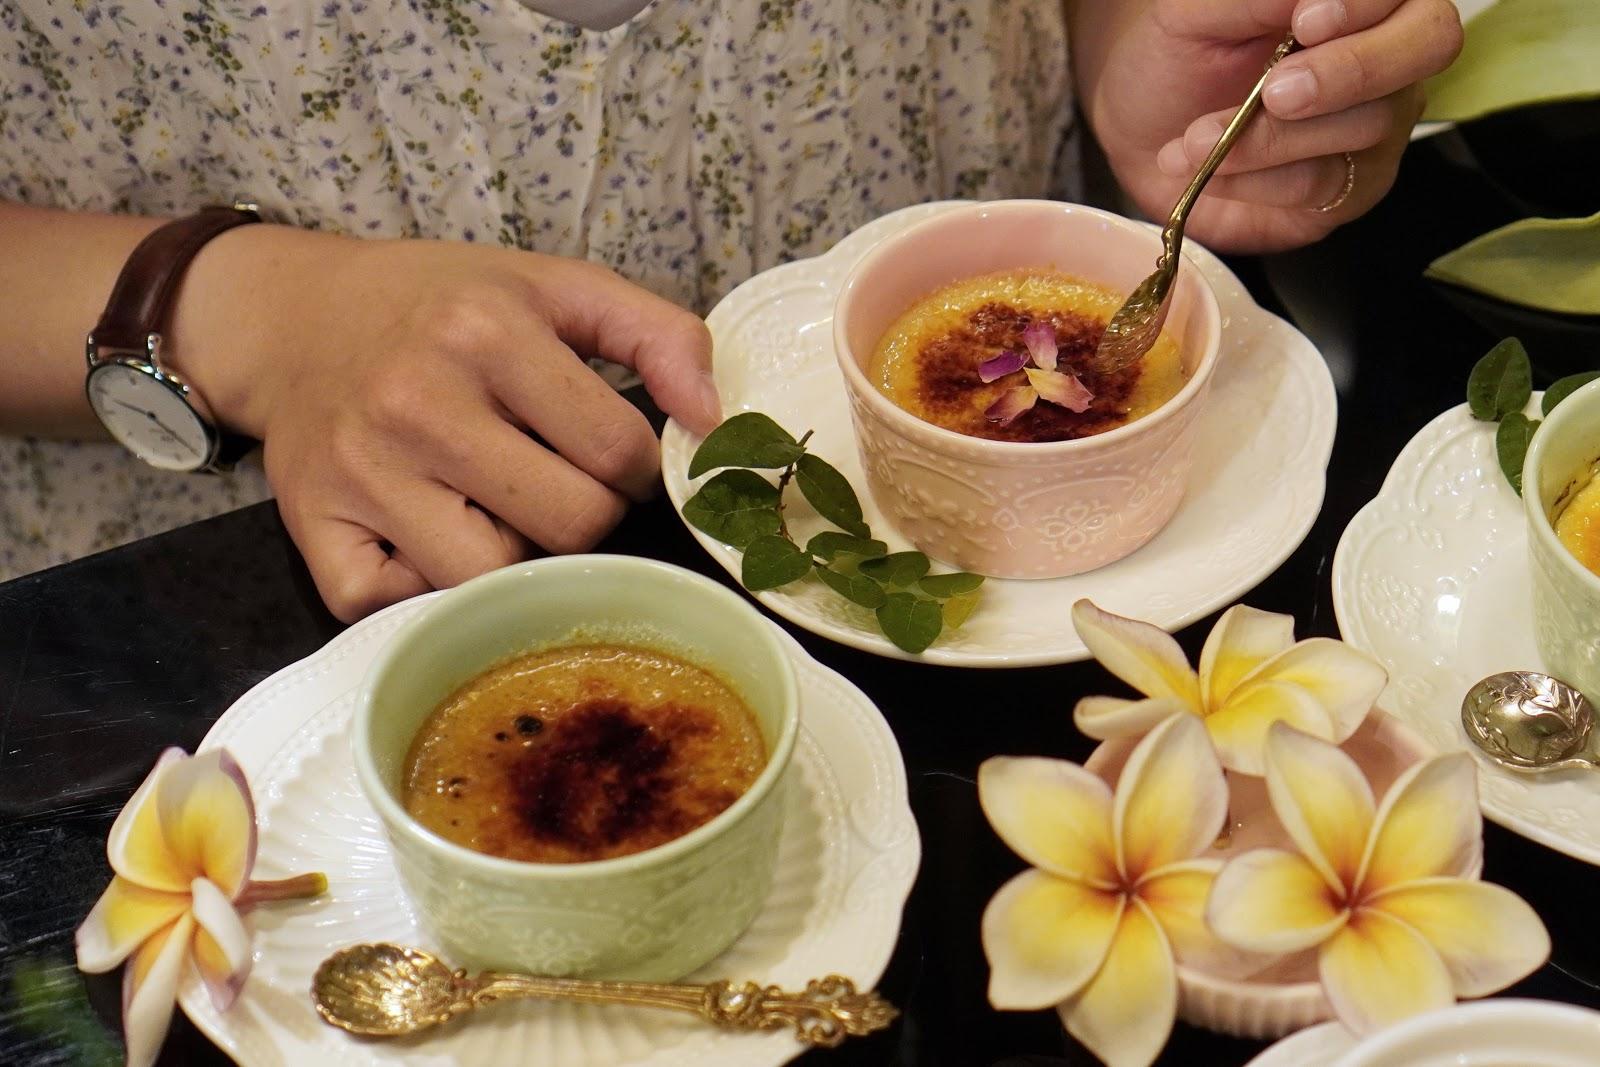 台南中西區美食【Moment烤布蕾專賣店】玫瑰烤布蕾介紹